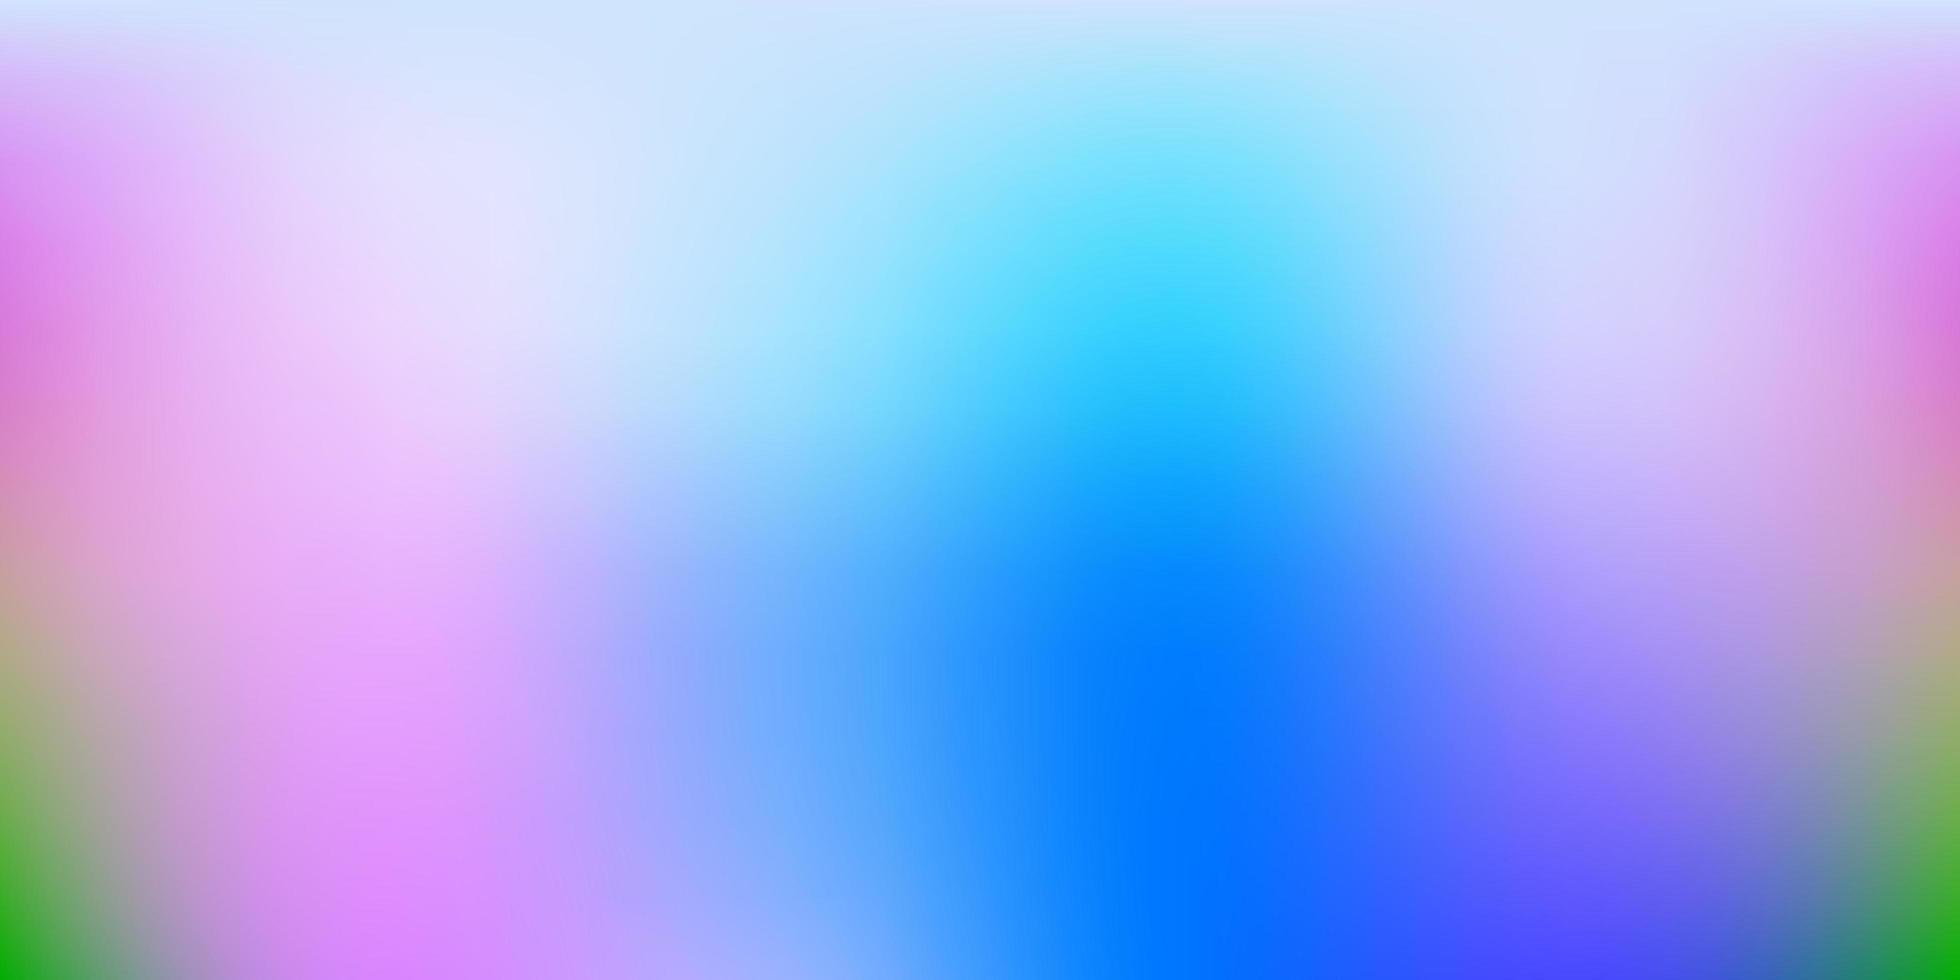 fundo de borrão de vetor azul e vermelho claro.